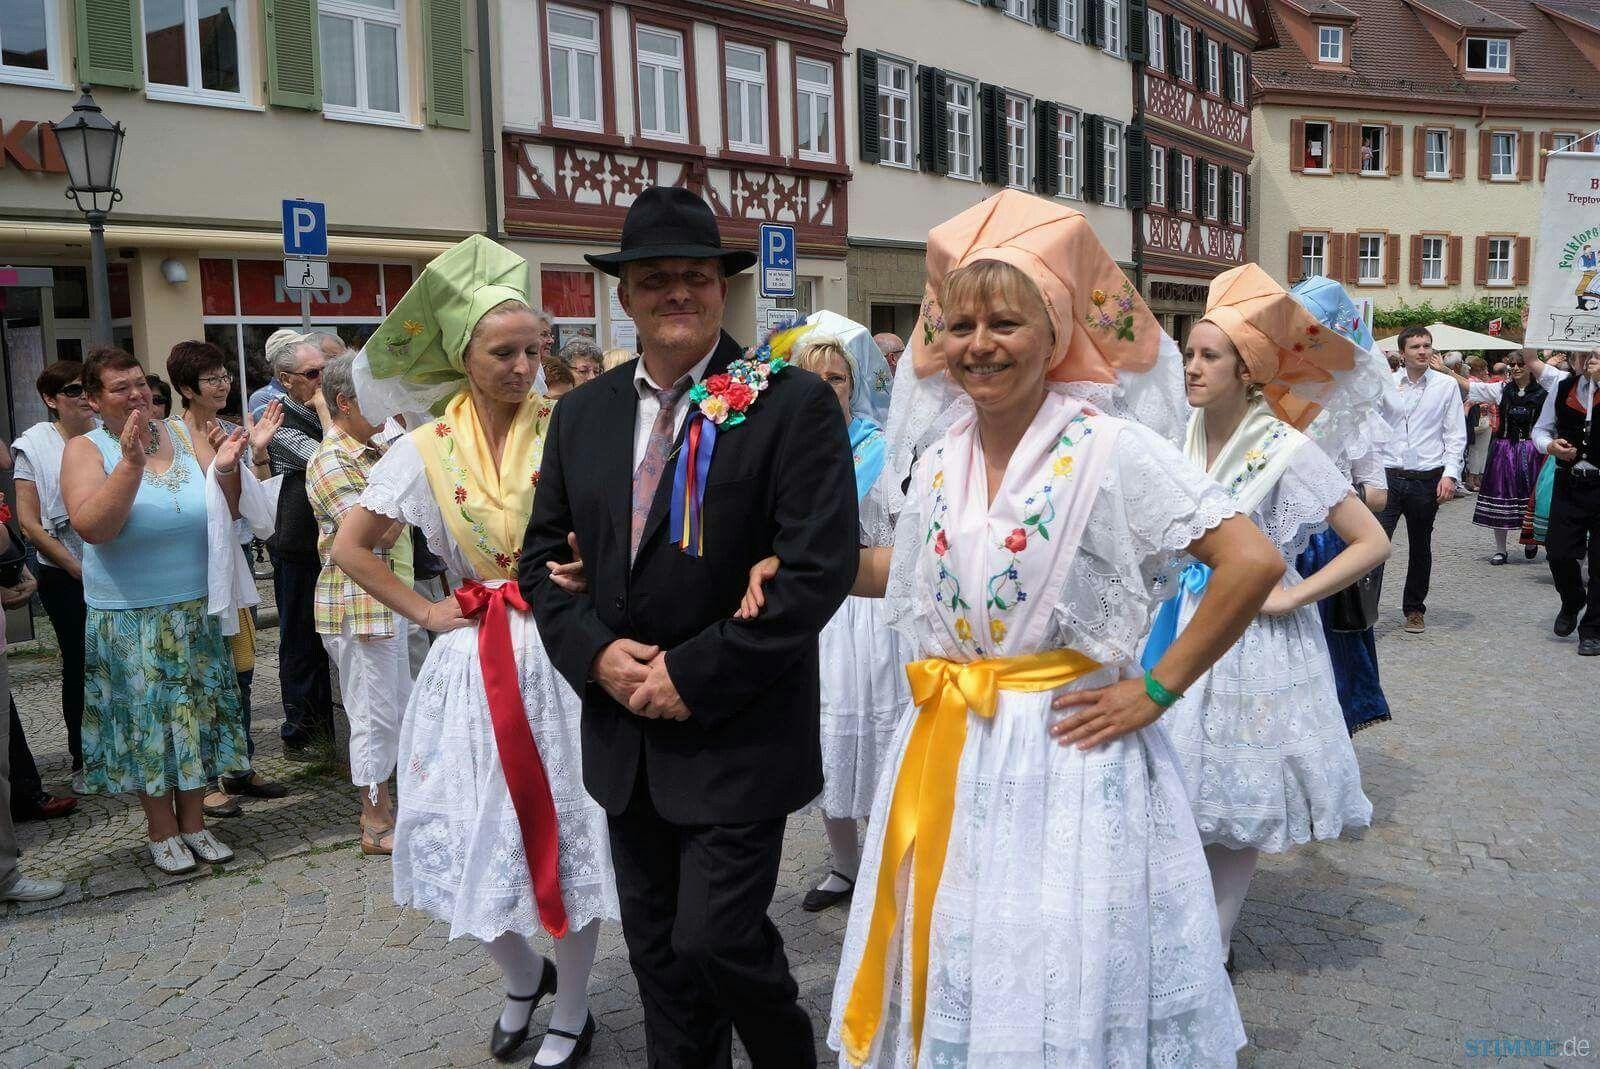 Trachtenfest Öhringen 2016 Großer Umzug,  Deutsch- Sorbisches Ensemble Cottbus